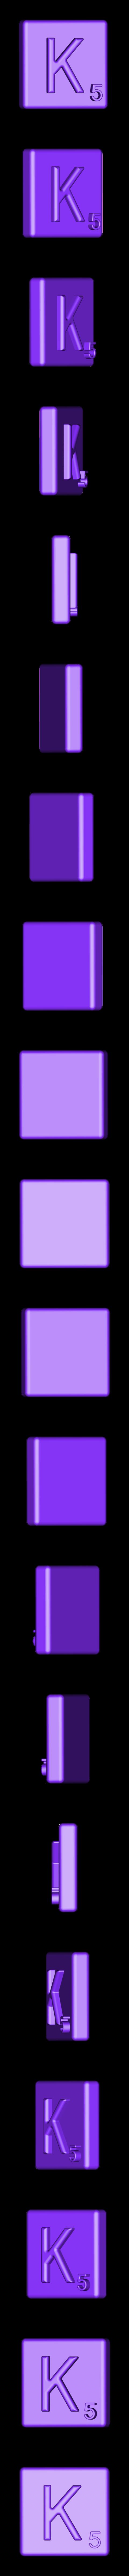 Single_Extruded_K.STL Télécharger fichier STL gratuit Pièces et support SCRABBBLE • Design pour imprimante 3D, Balkhagal4D